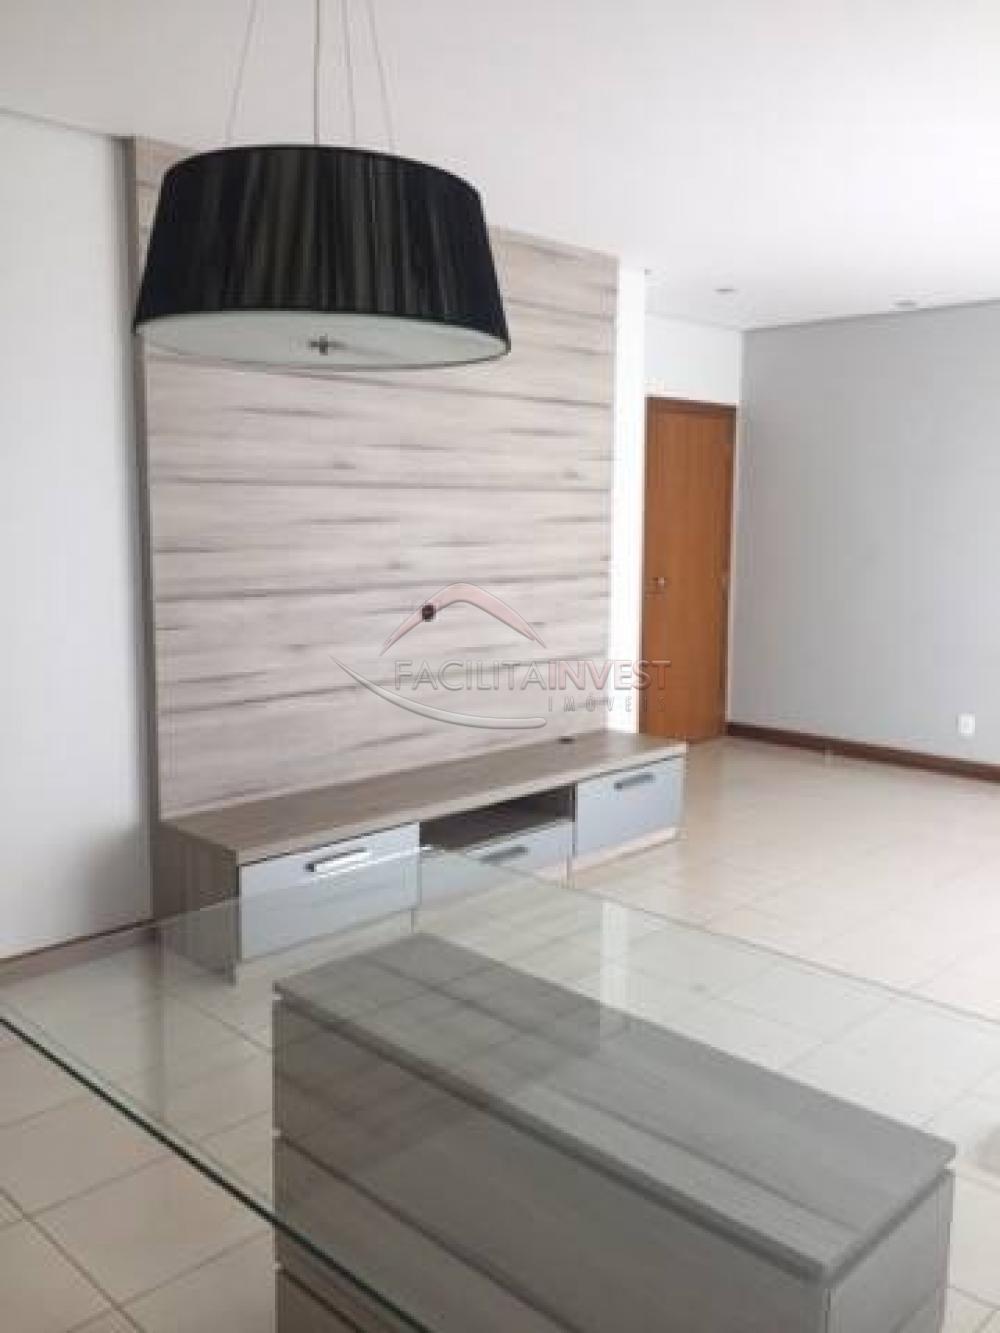 Comprar Apartamentos / Apart. Padrão em Ribeirão Preto apenas R$ 800.000,00 - Foto 1